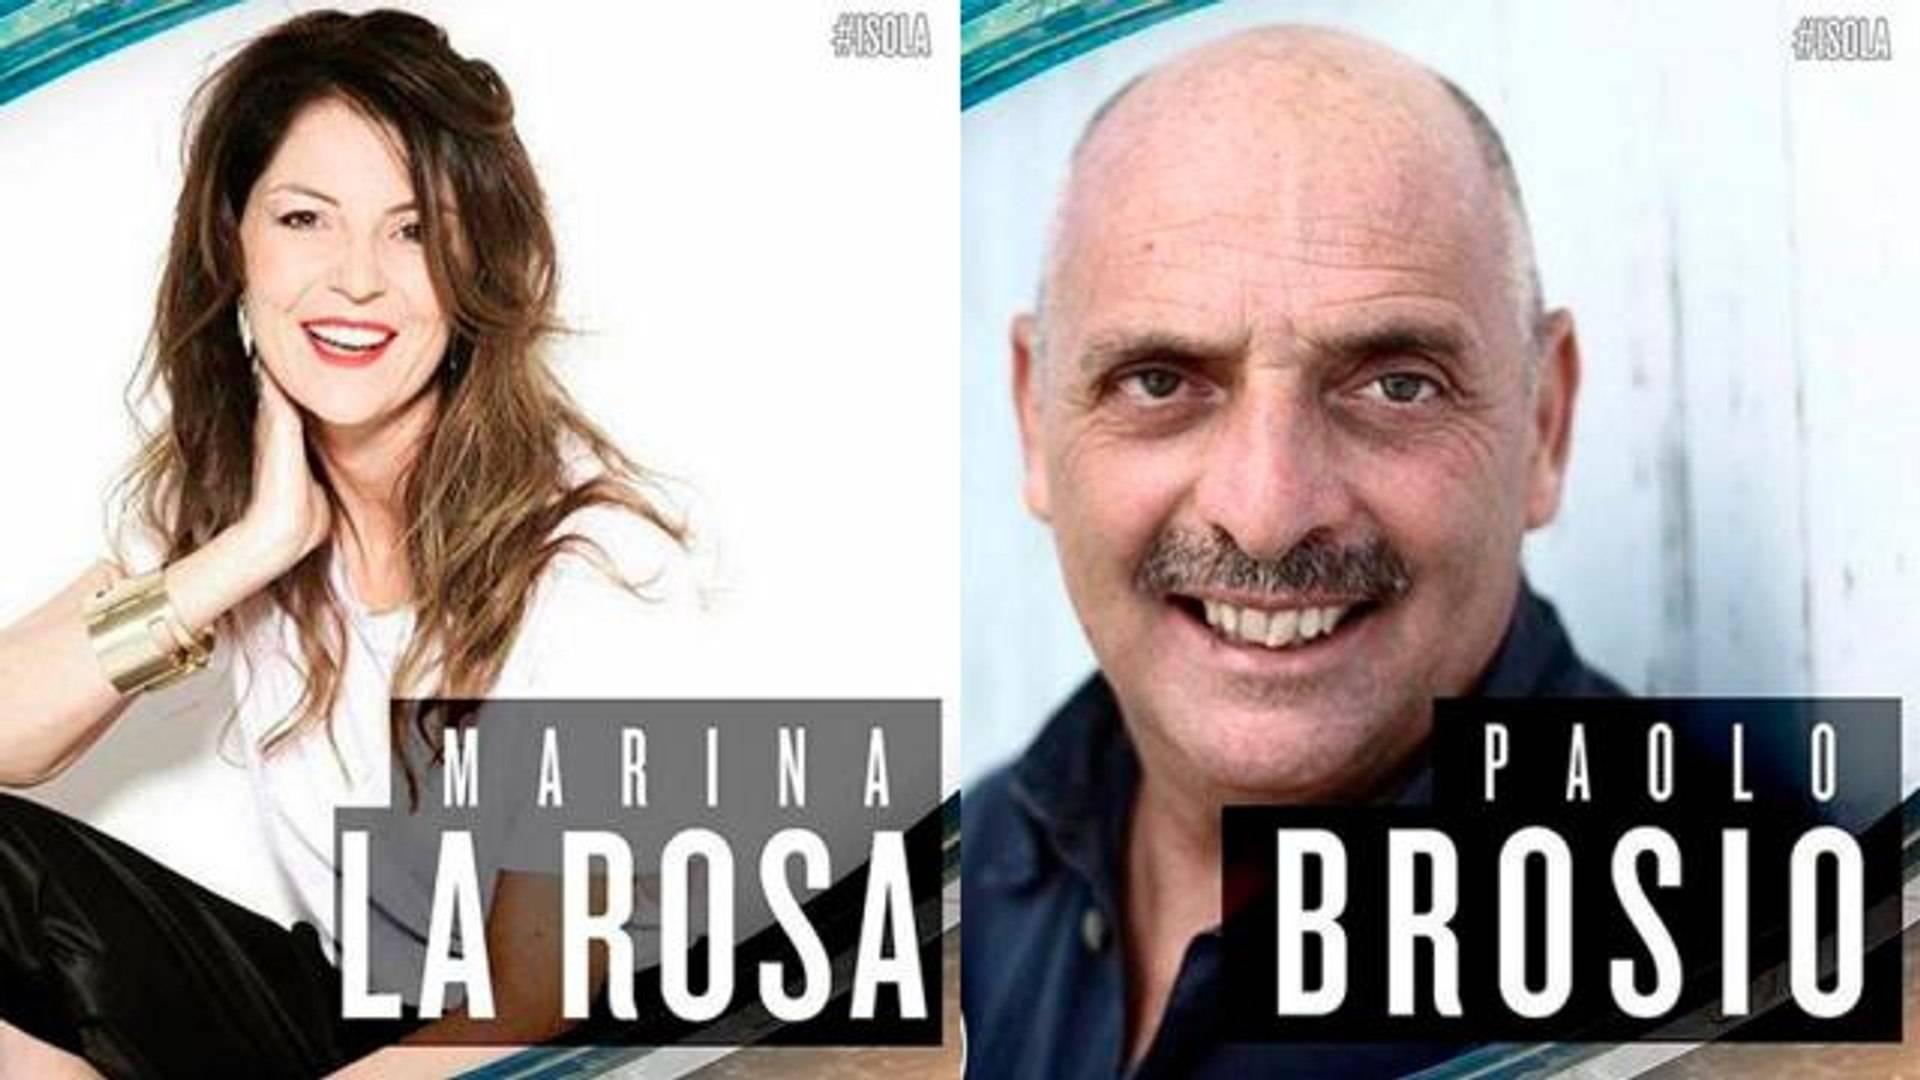 Marina La Rosa e Paolo Brosio